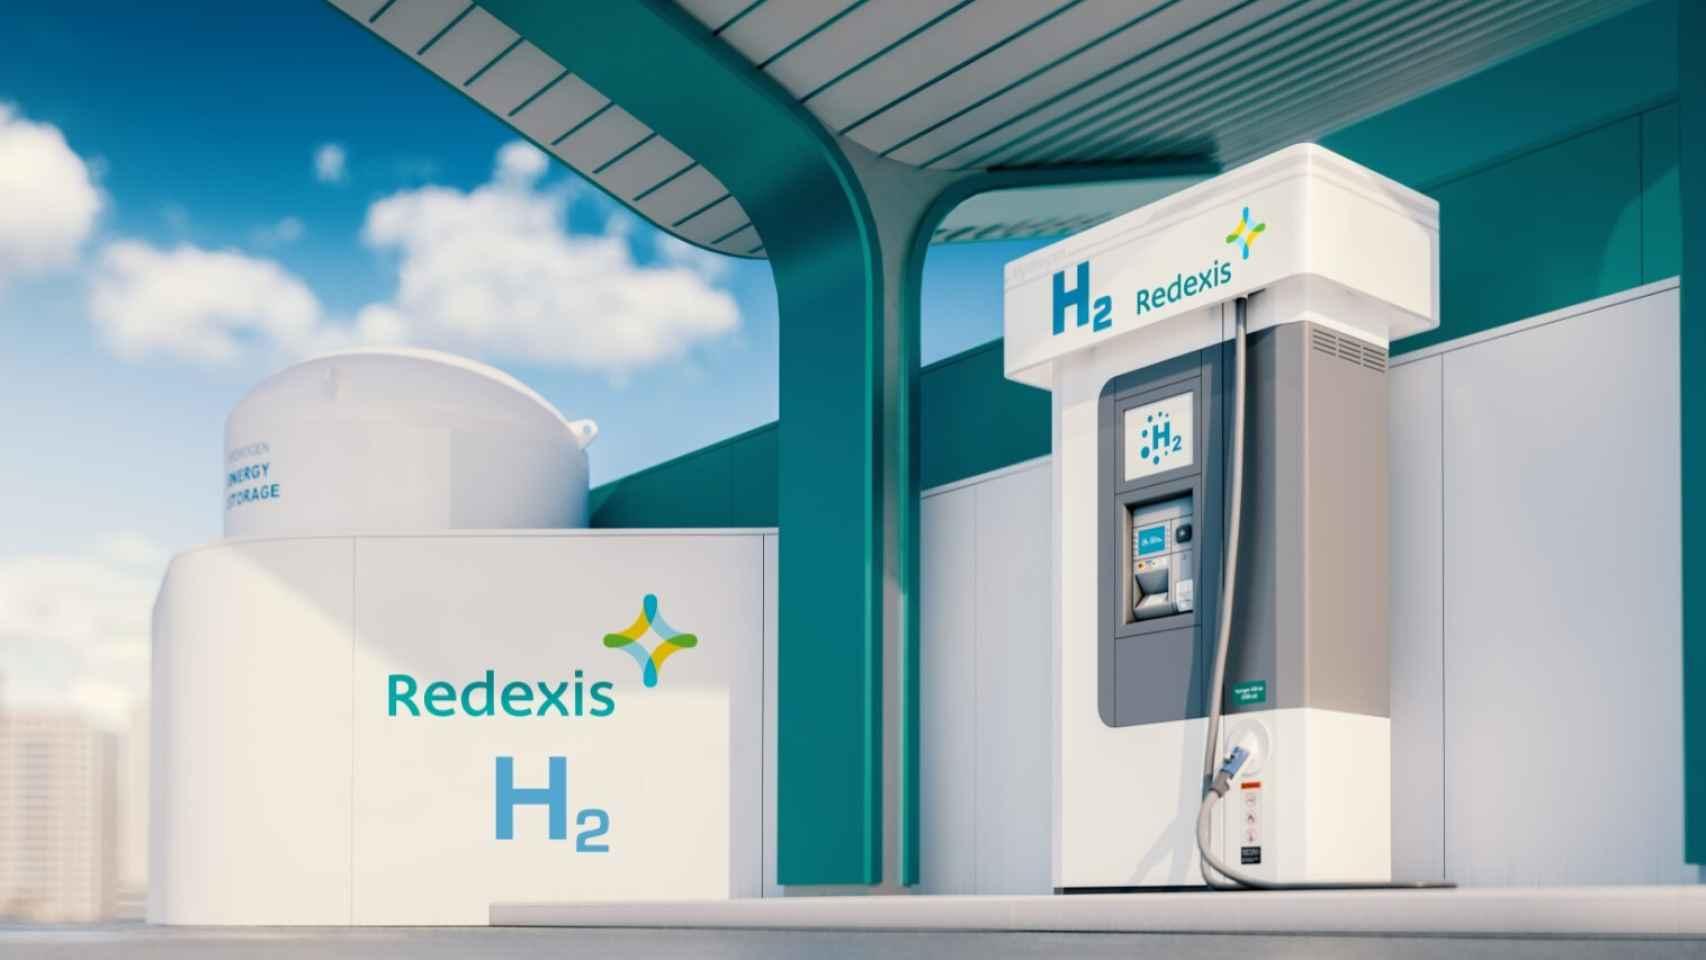 Redexis se incorpora a Hydrogenizing BCN, un proyecto de hidrógeno verde en Barcelona